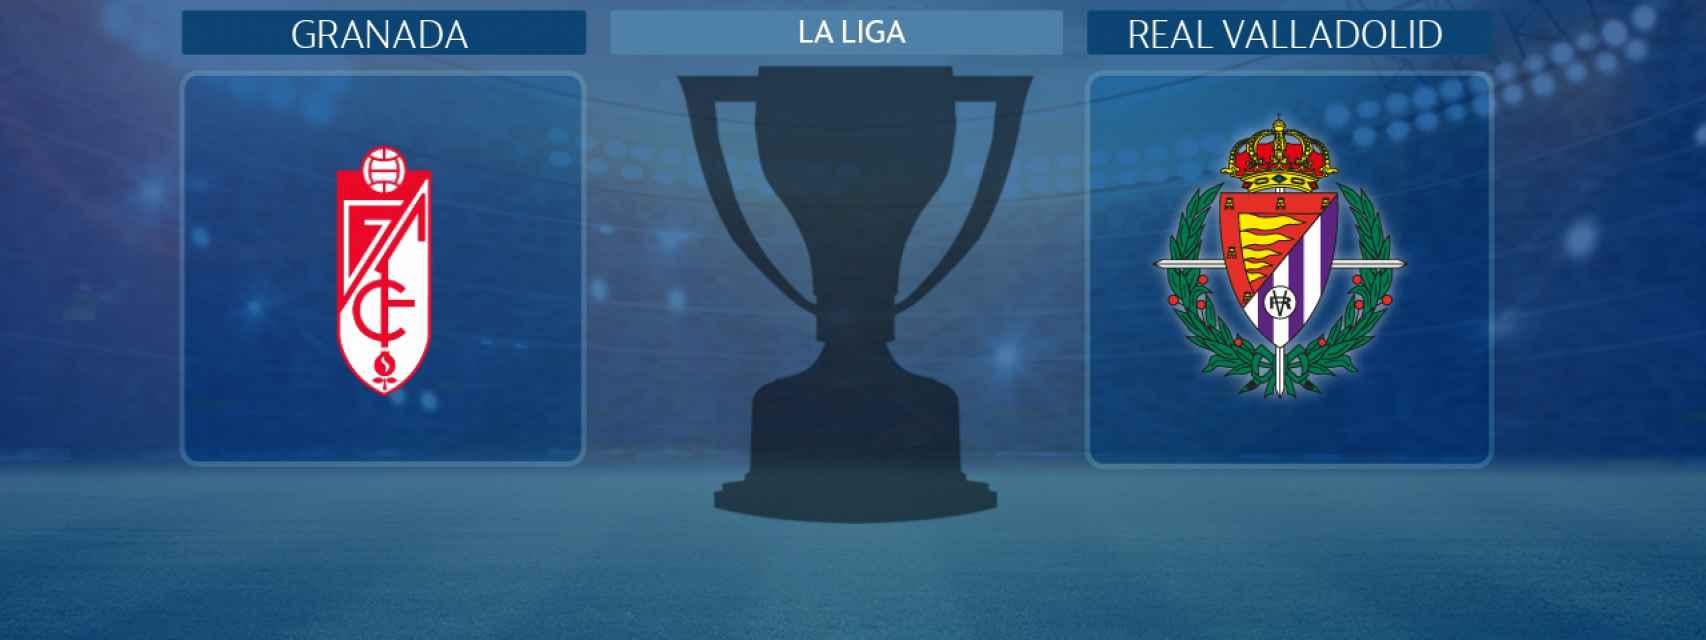 Granada - Real Valladolid, partido de La Liga